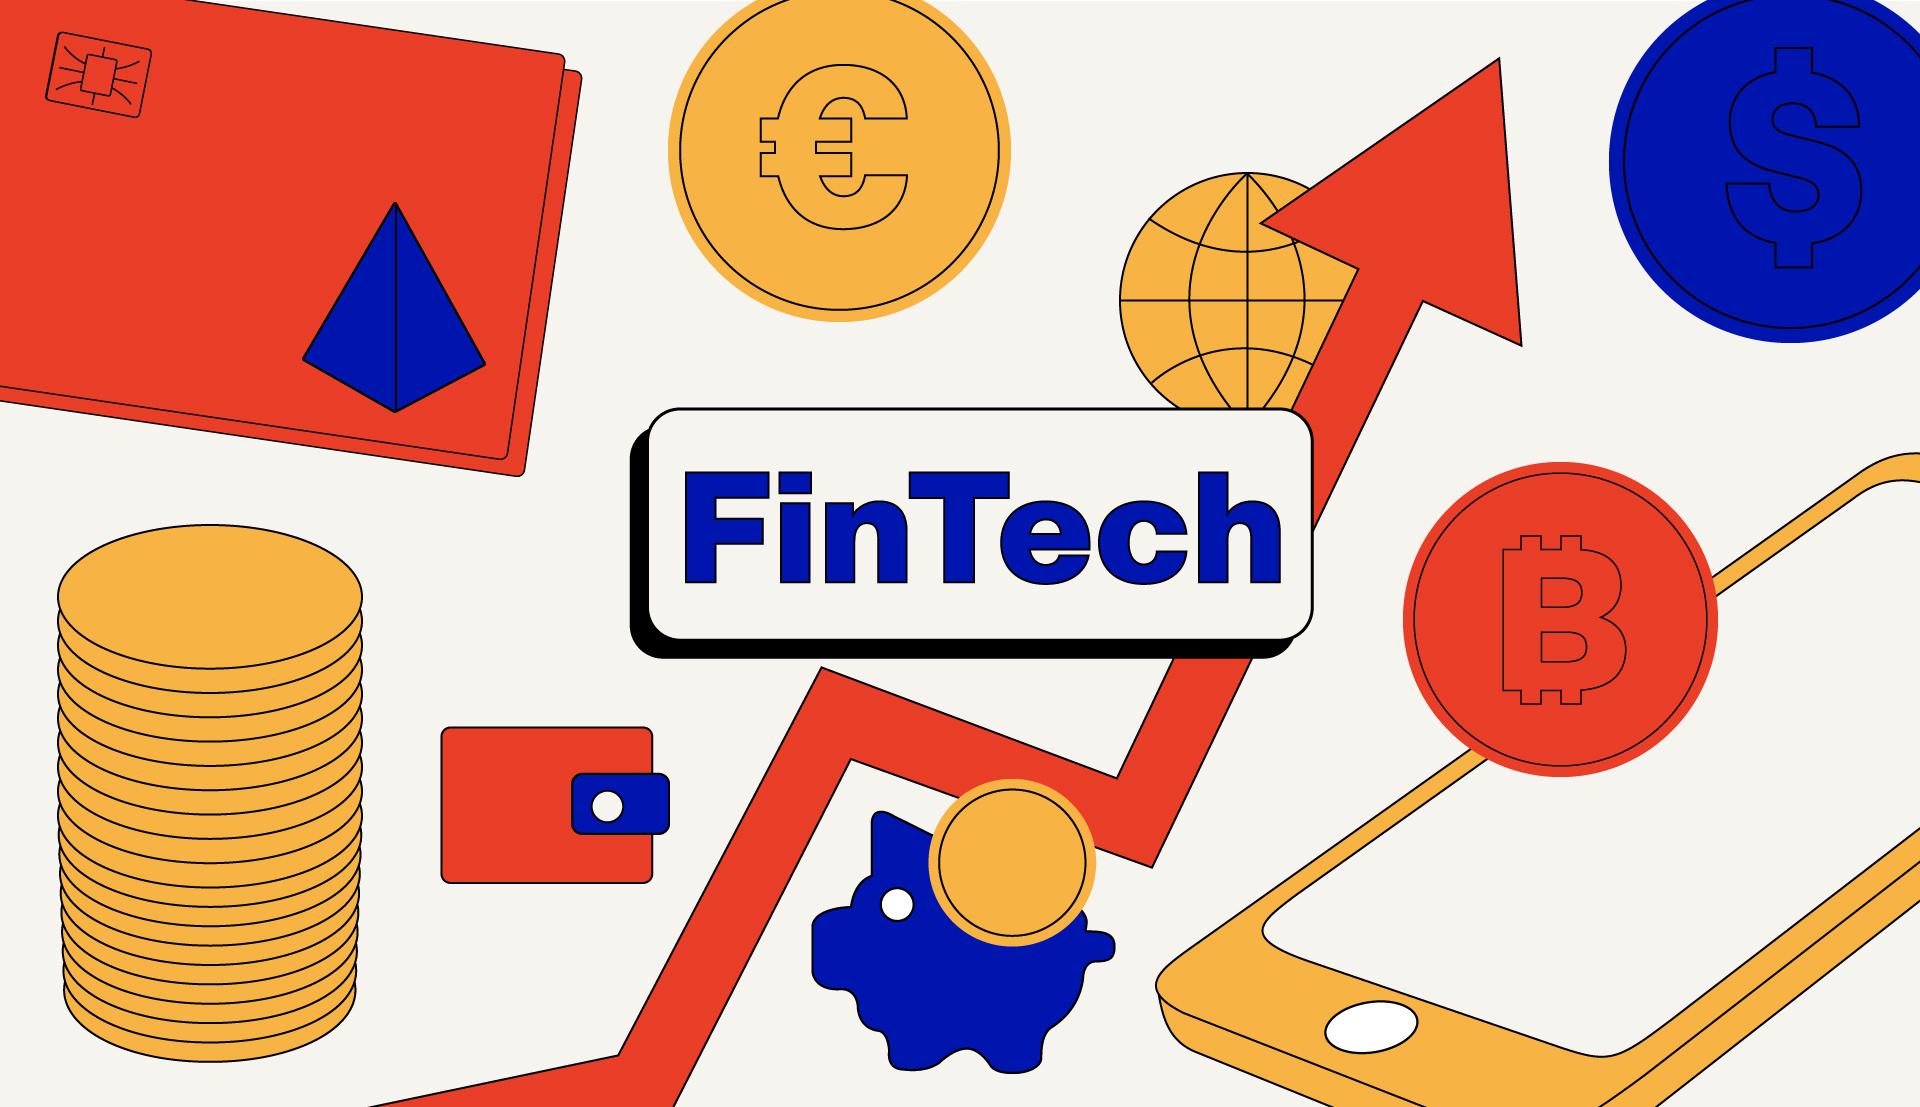 FinTech visual